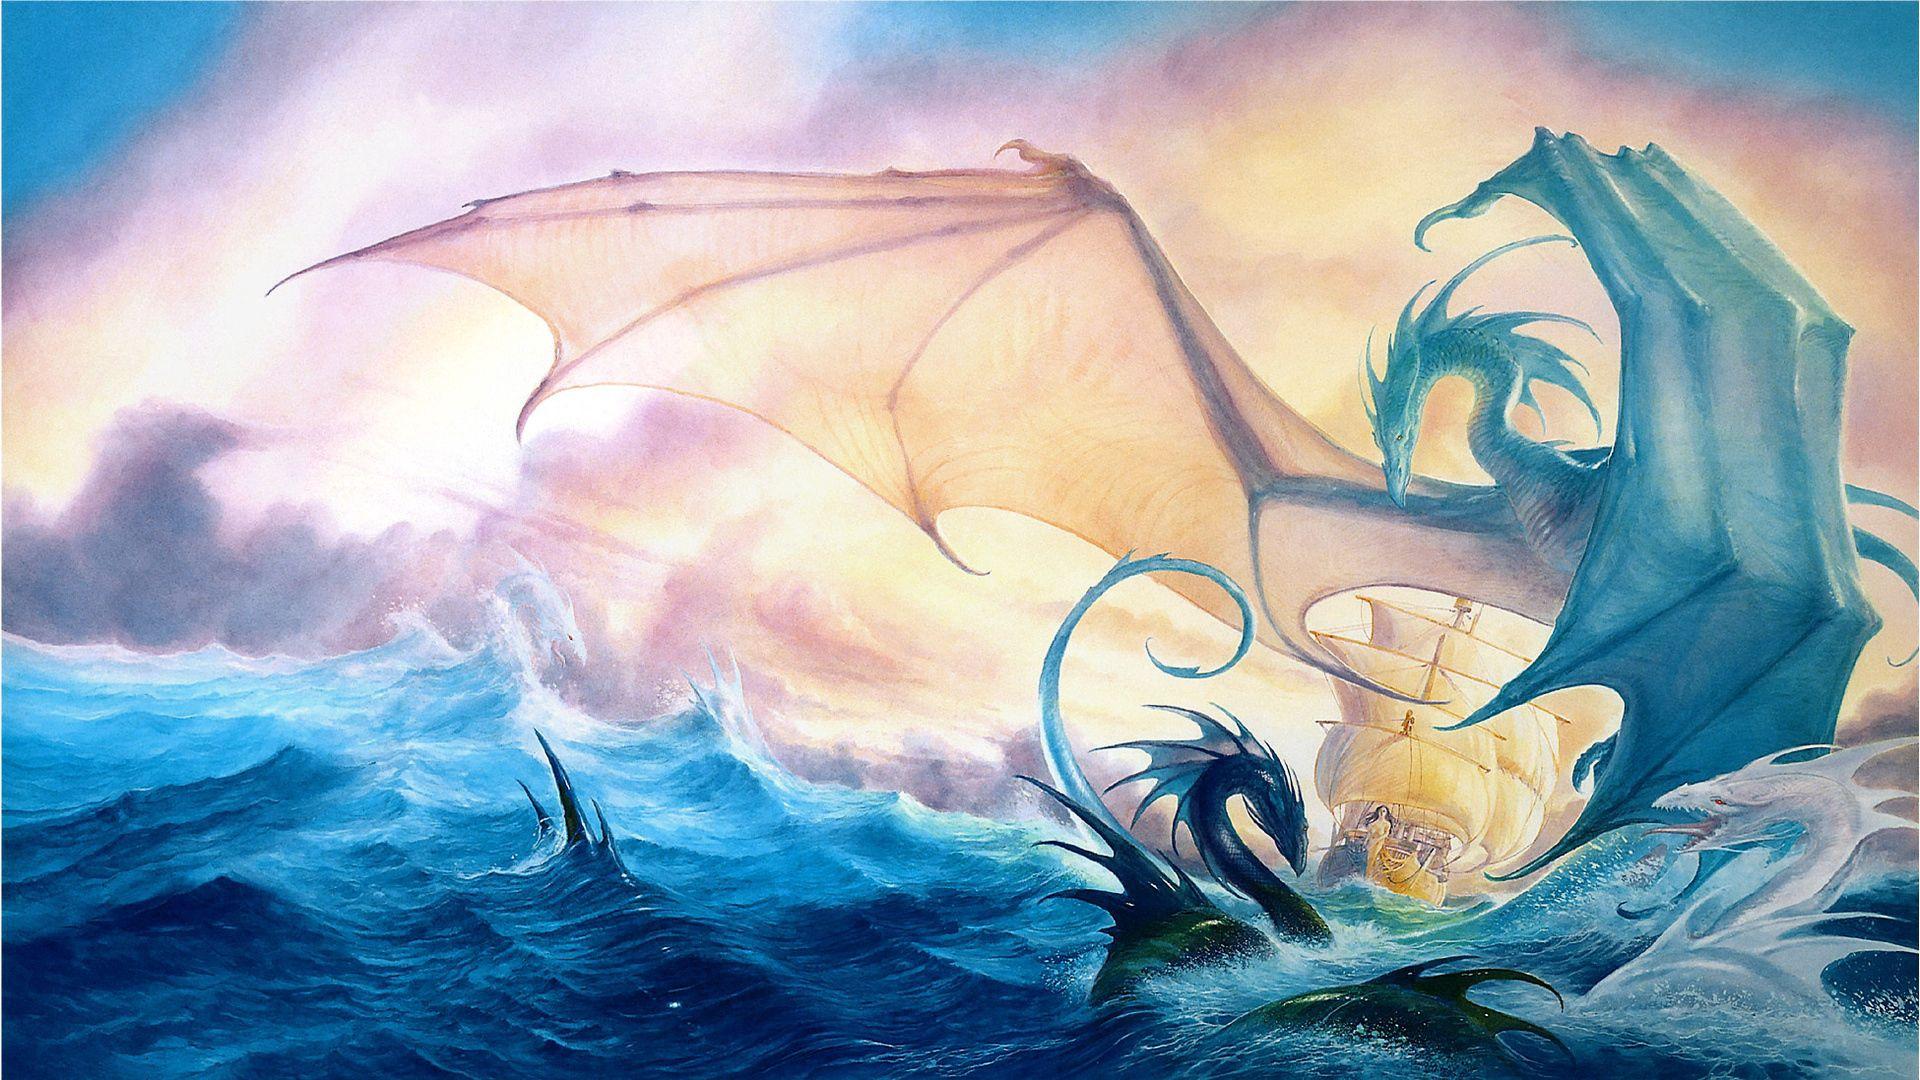 157876 Hintergrundbild herunterladen Fantasie, Dragons, Sea, Waves, Schiff - Bildschirmschoner und Bilder kostenlos